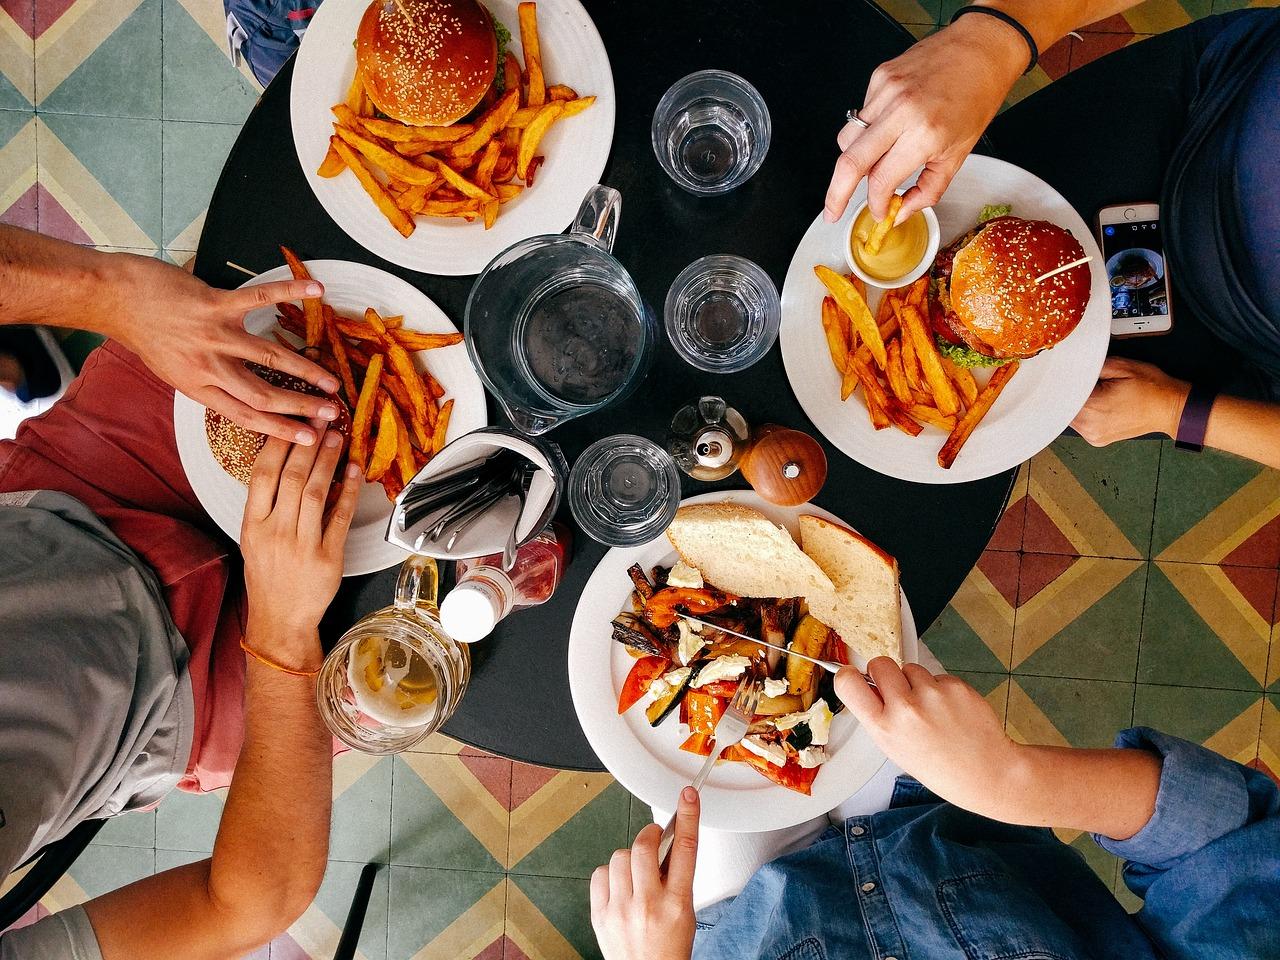 restaurant 2602736 1280 - Mittagessen